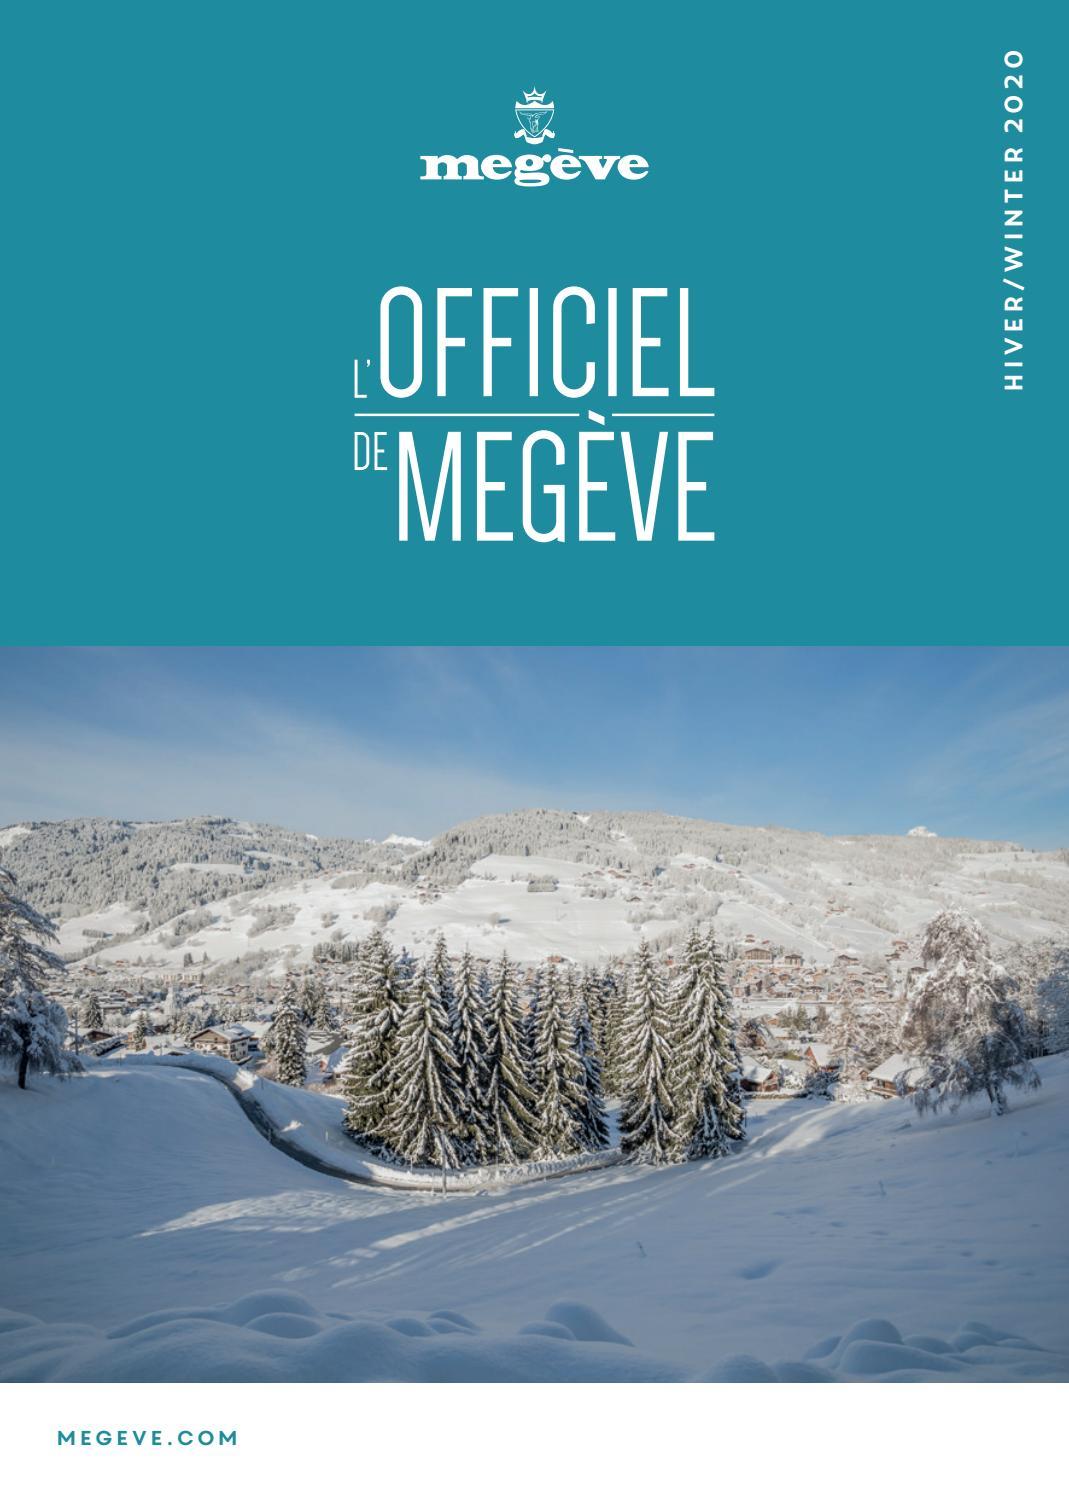 L'Officiel de Megève HIVER by Megève (officiel) issuu